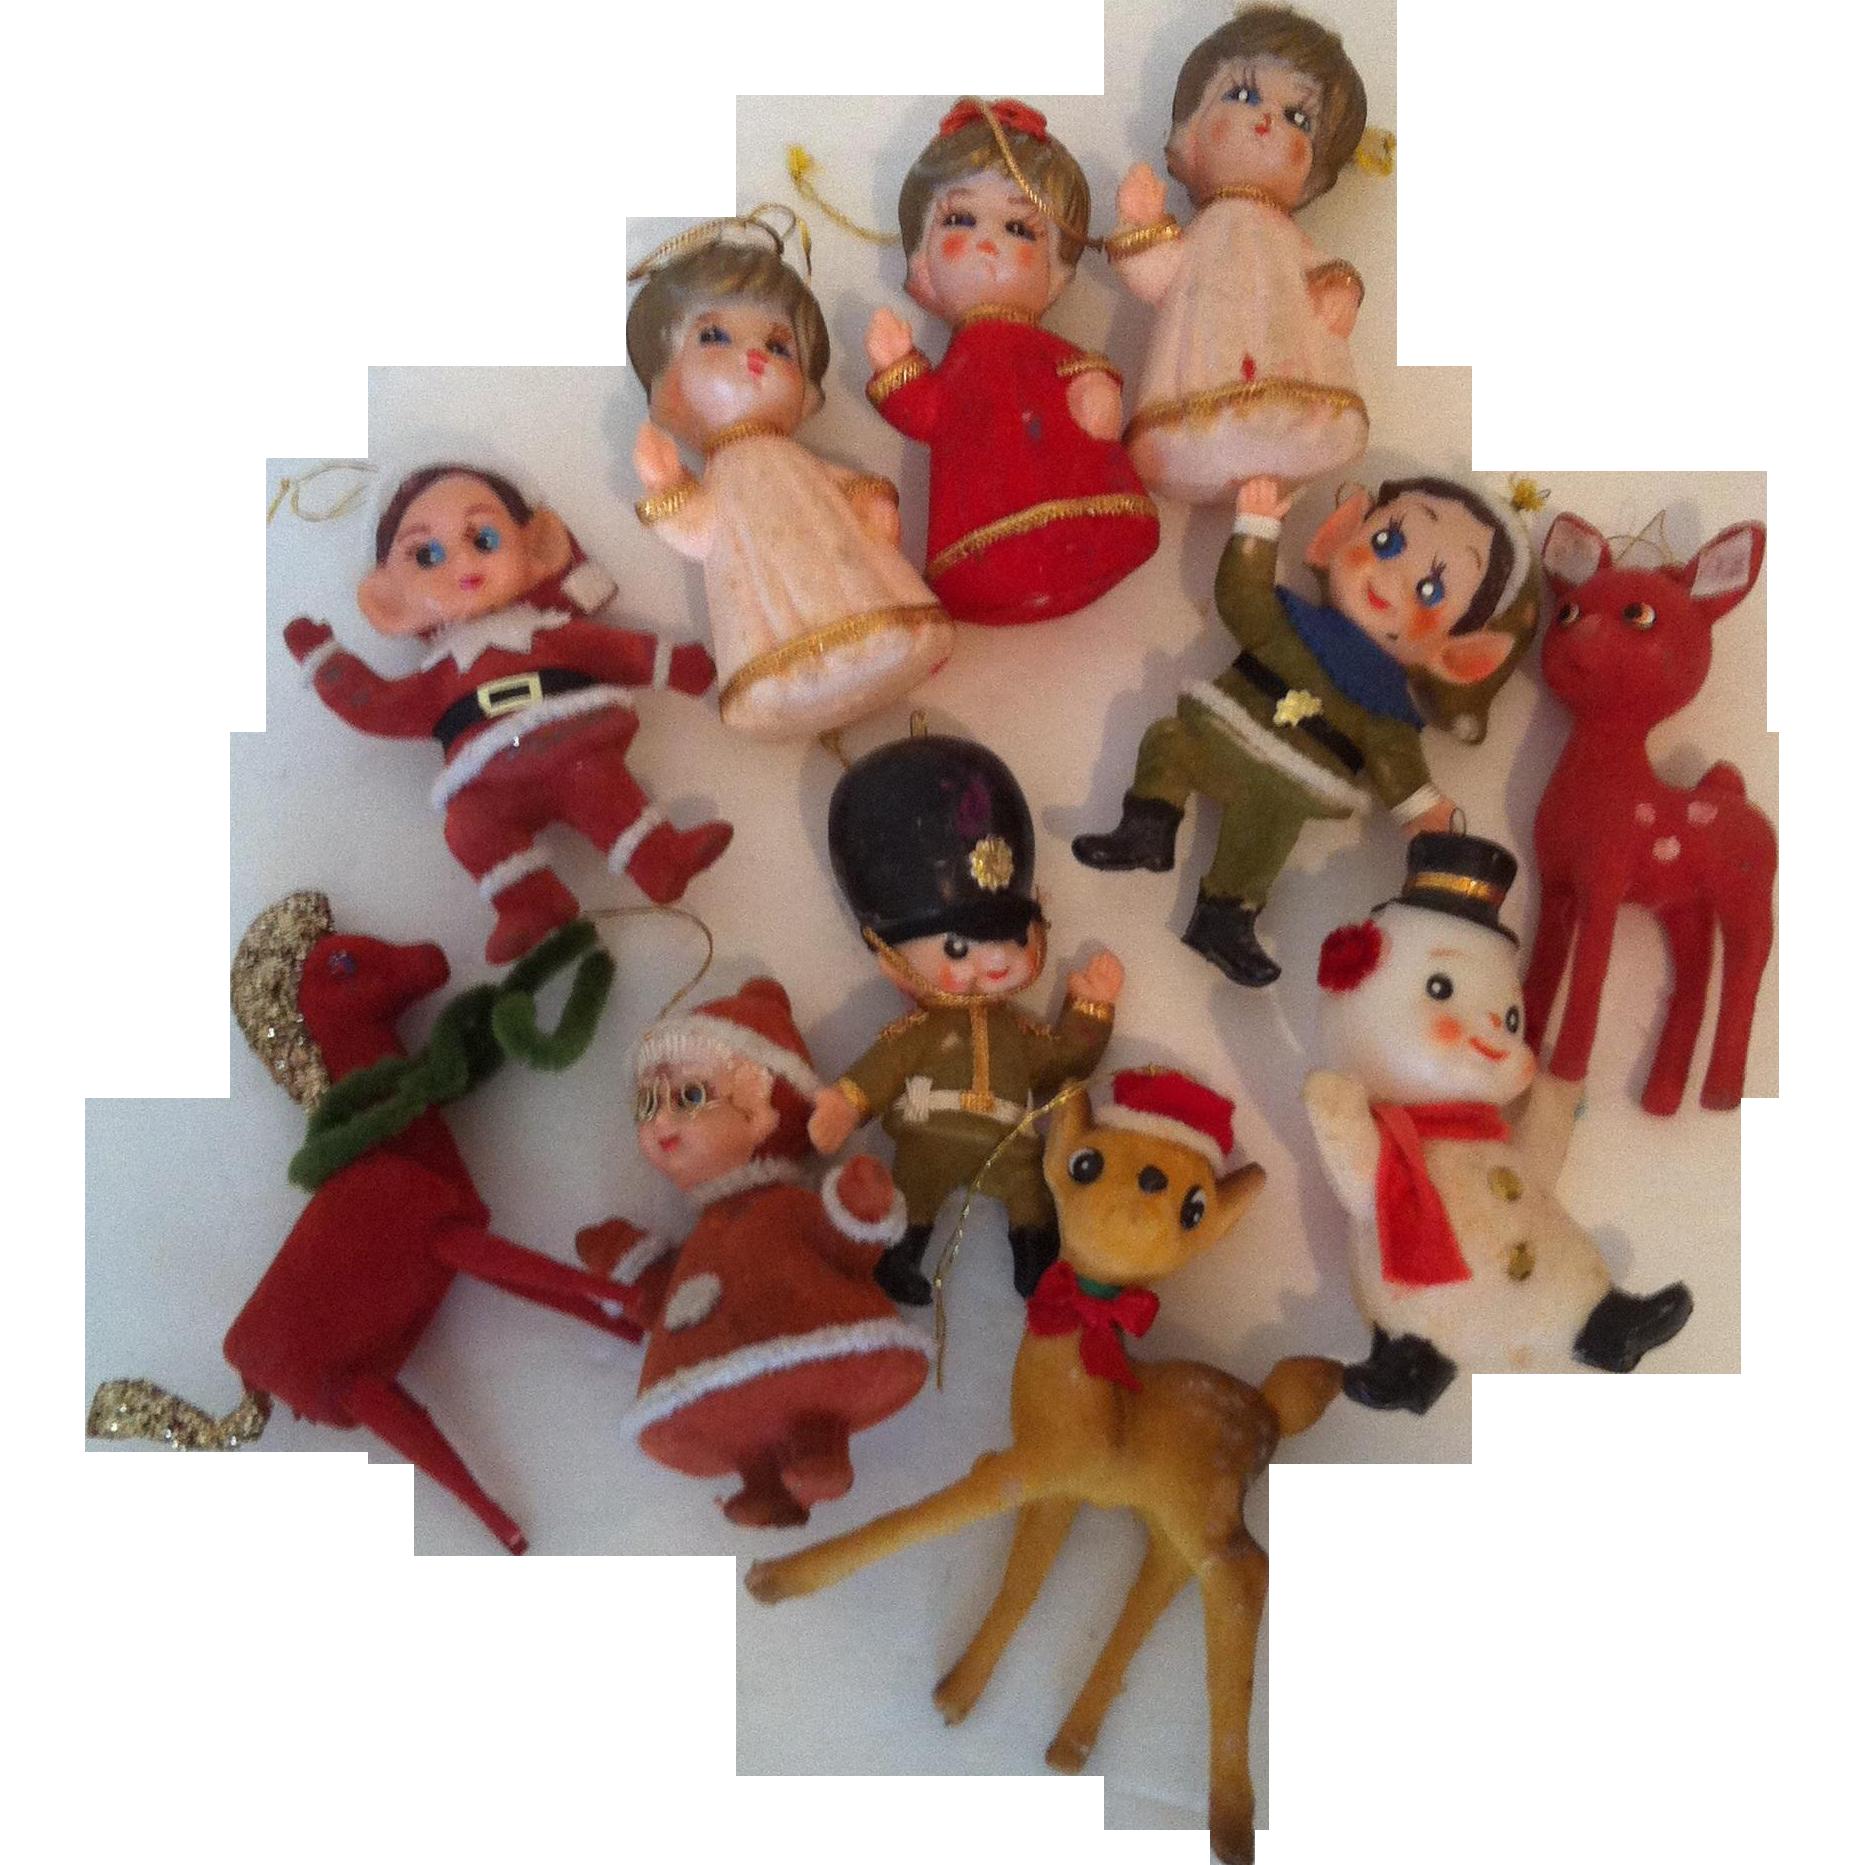 11 Flocked Vintage Christmas Ornaments